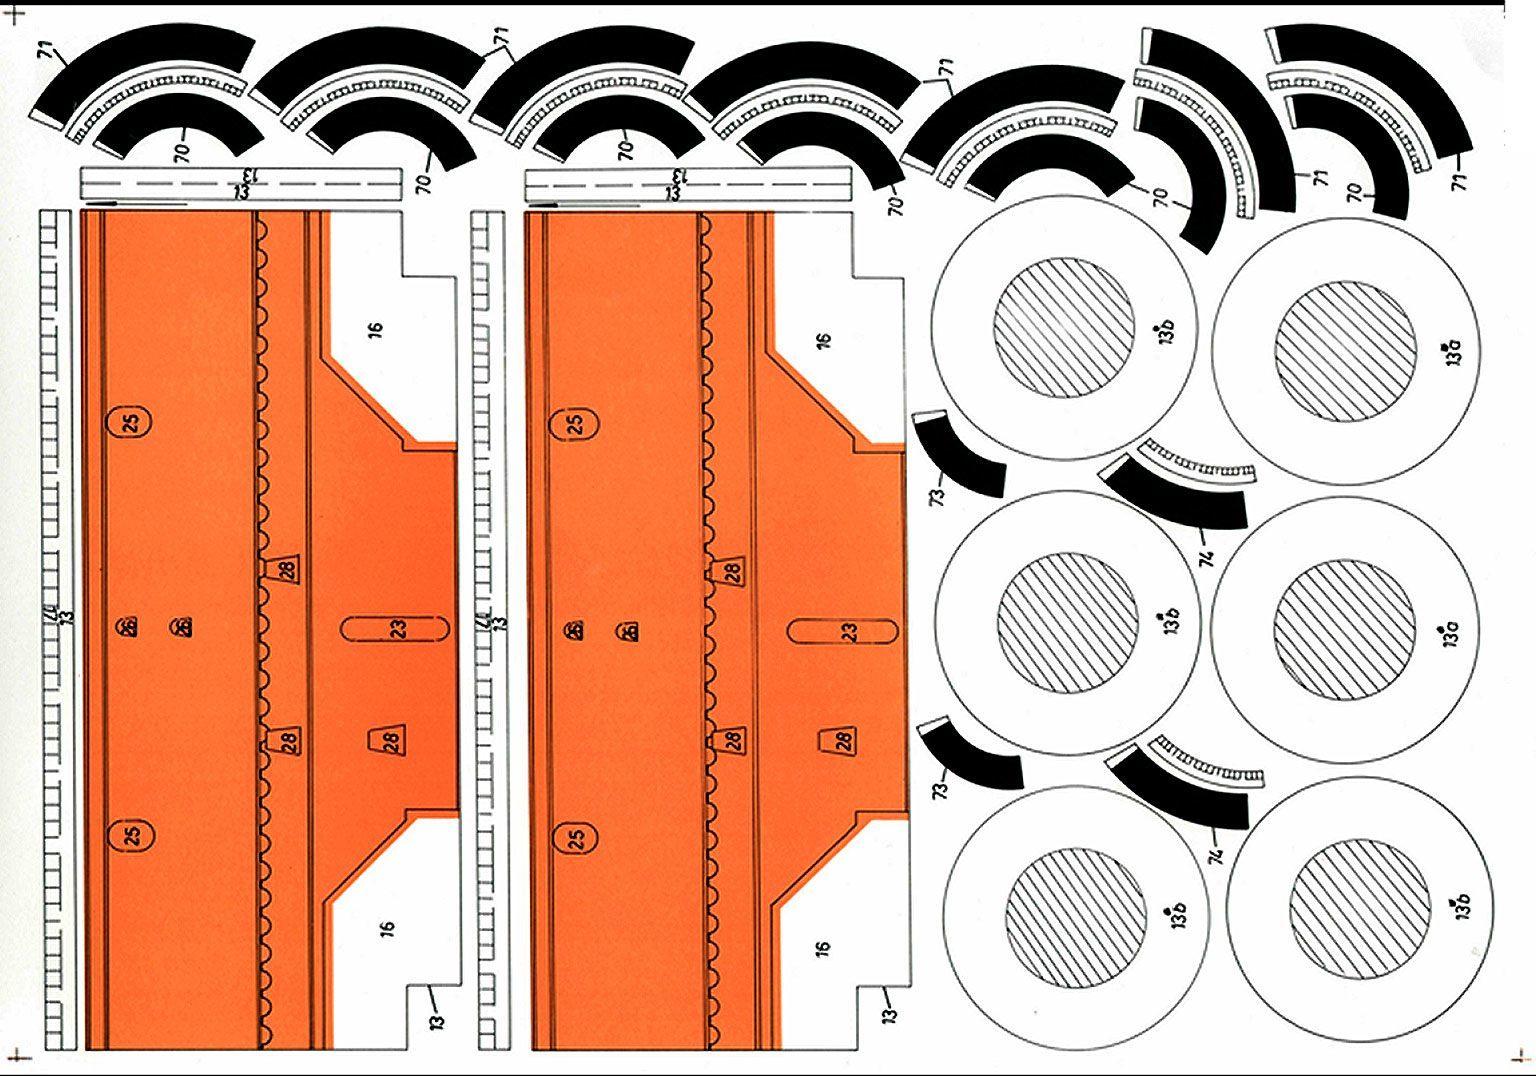 Схема ракеты на бумаге